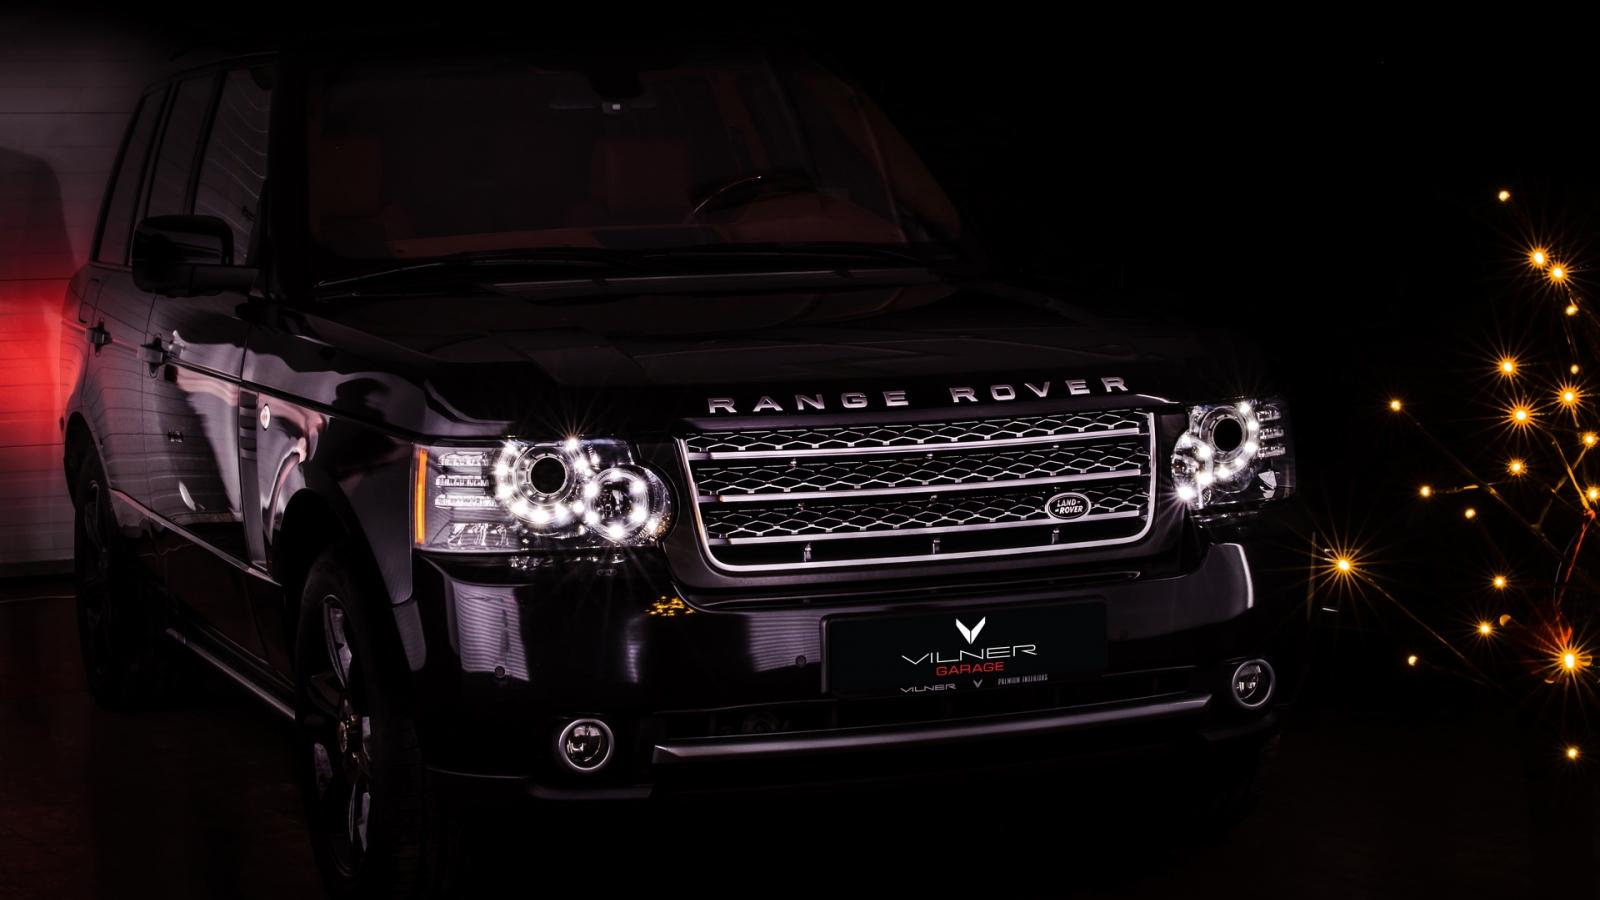 """Range Rover Autobiography sang trọng và tinh tế hơn sau khi """"qua tay"""" Vilner"""